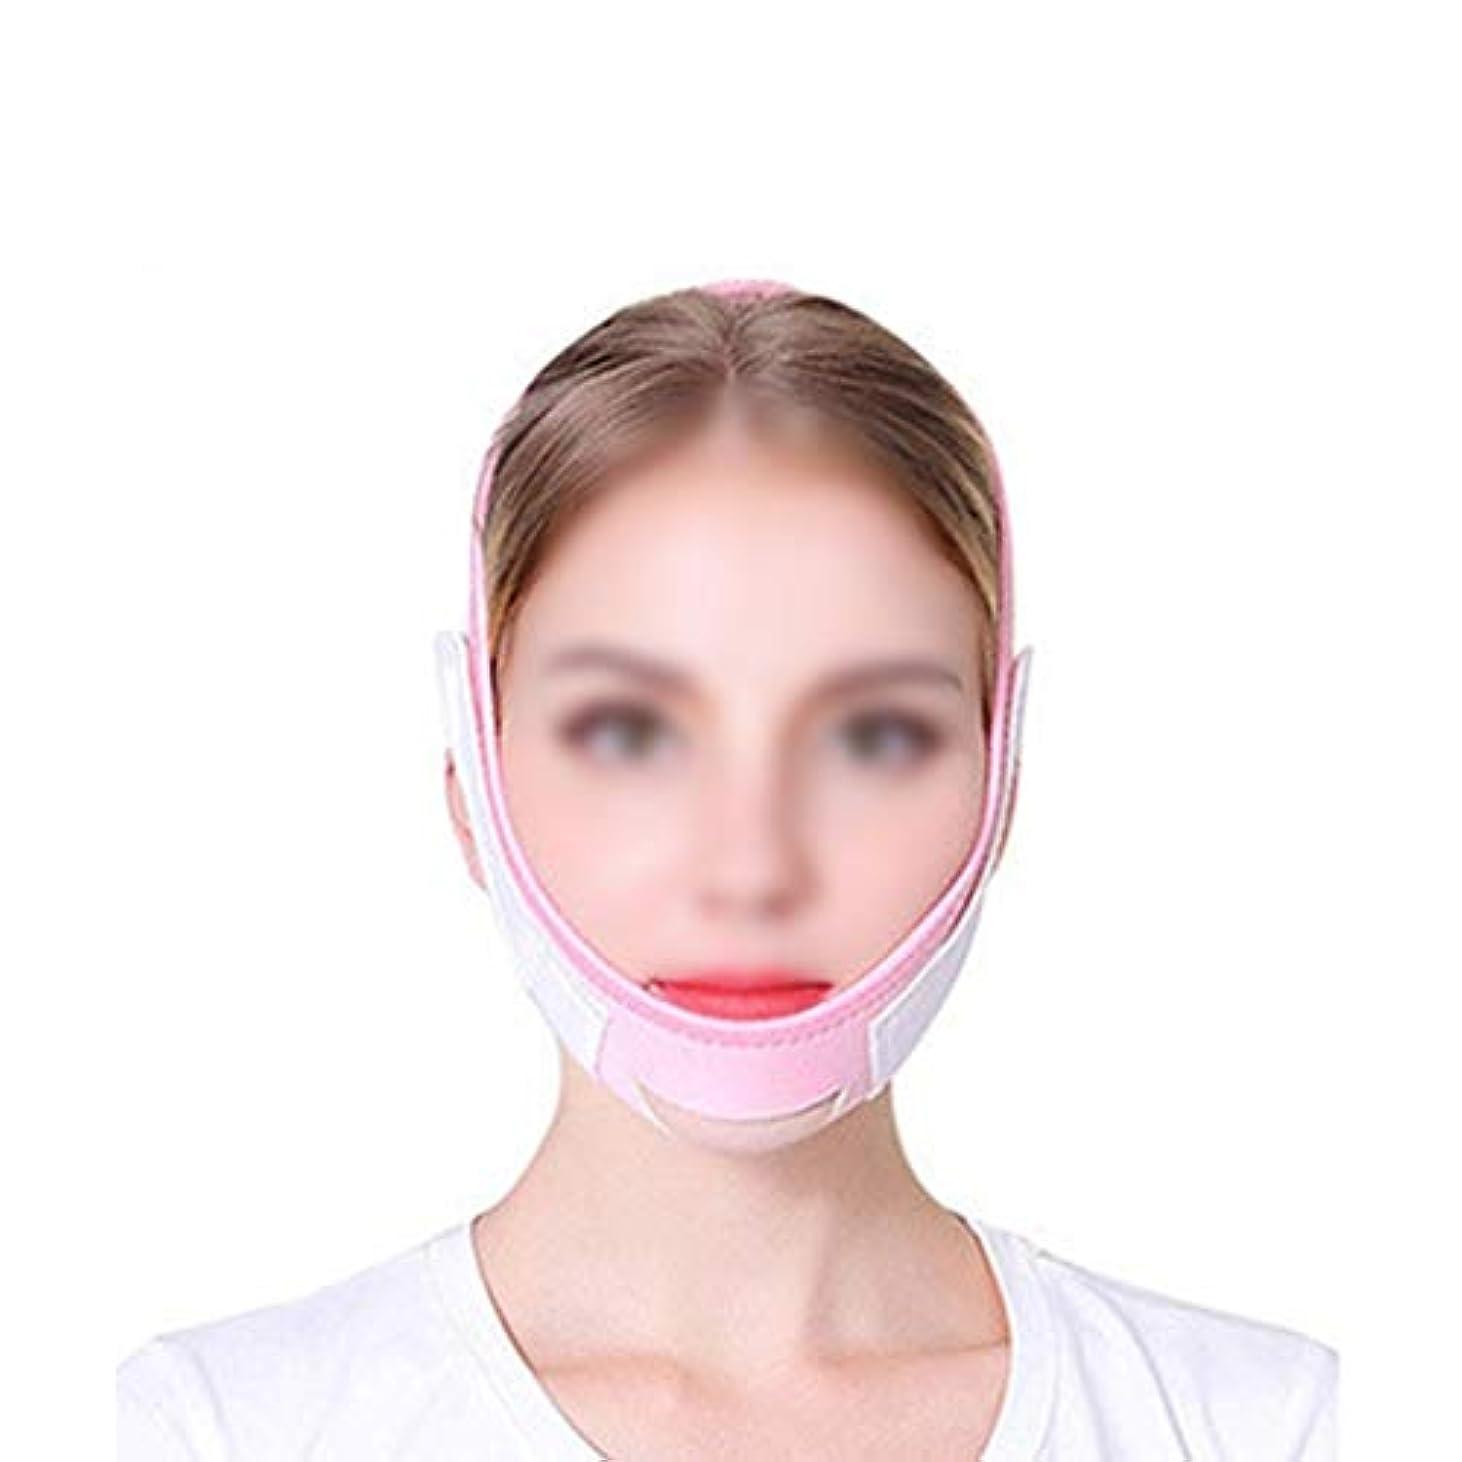 蒸発感じるチャンピオンXHLMRMJ しわ防止フェイシャル減量ベルト、フェイスリフティング包帯、フェイスリフティングマスク、リフティングフェイスバンド、スキンバンデージ(フリーサイズ) (Color : Powder white)